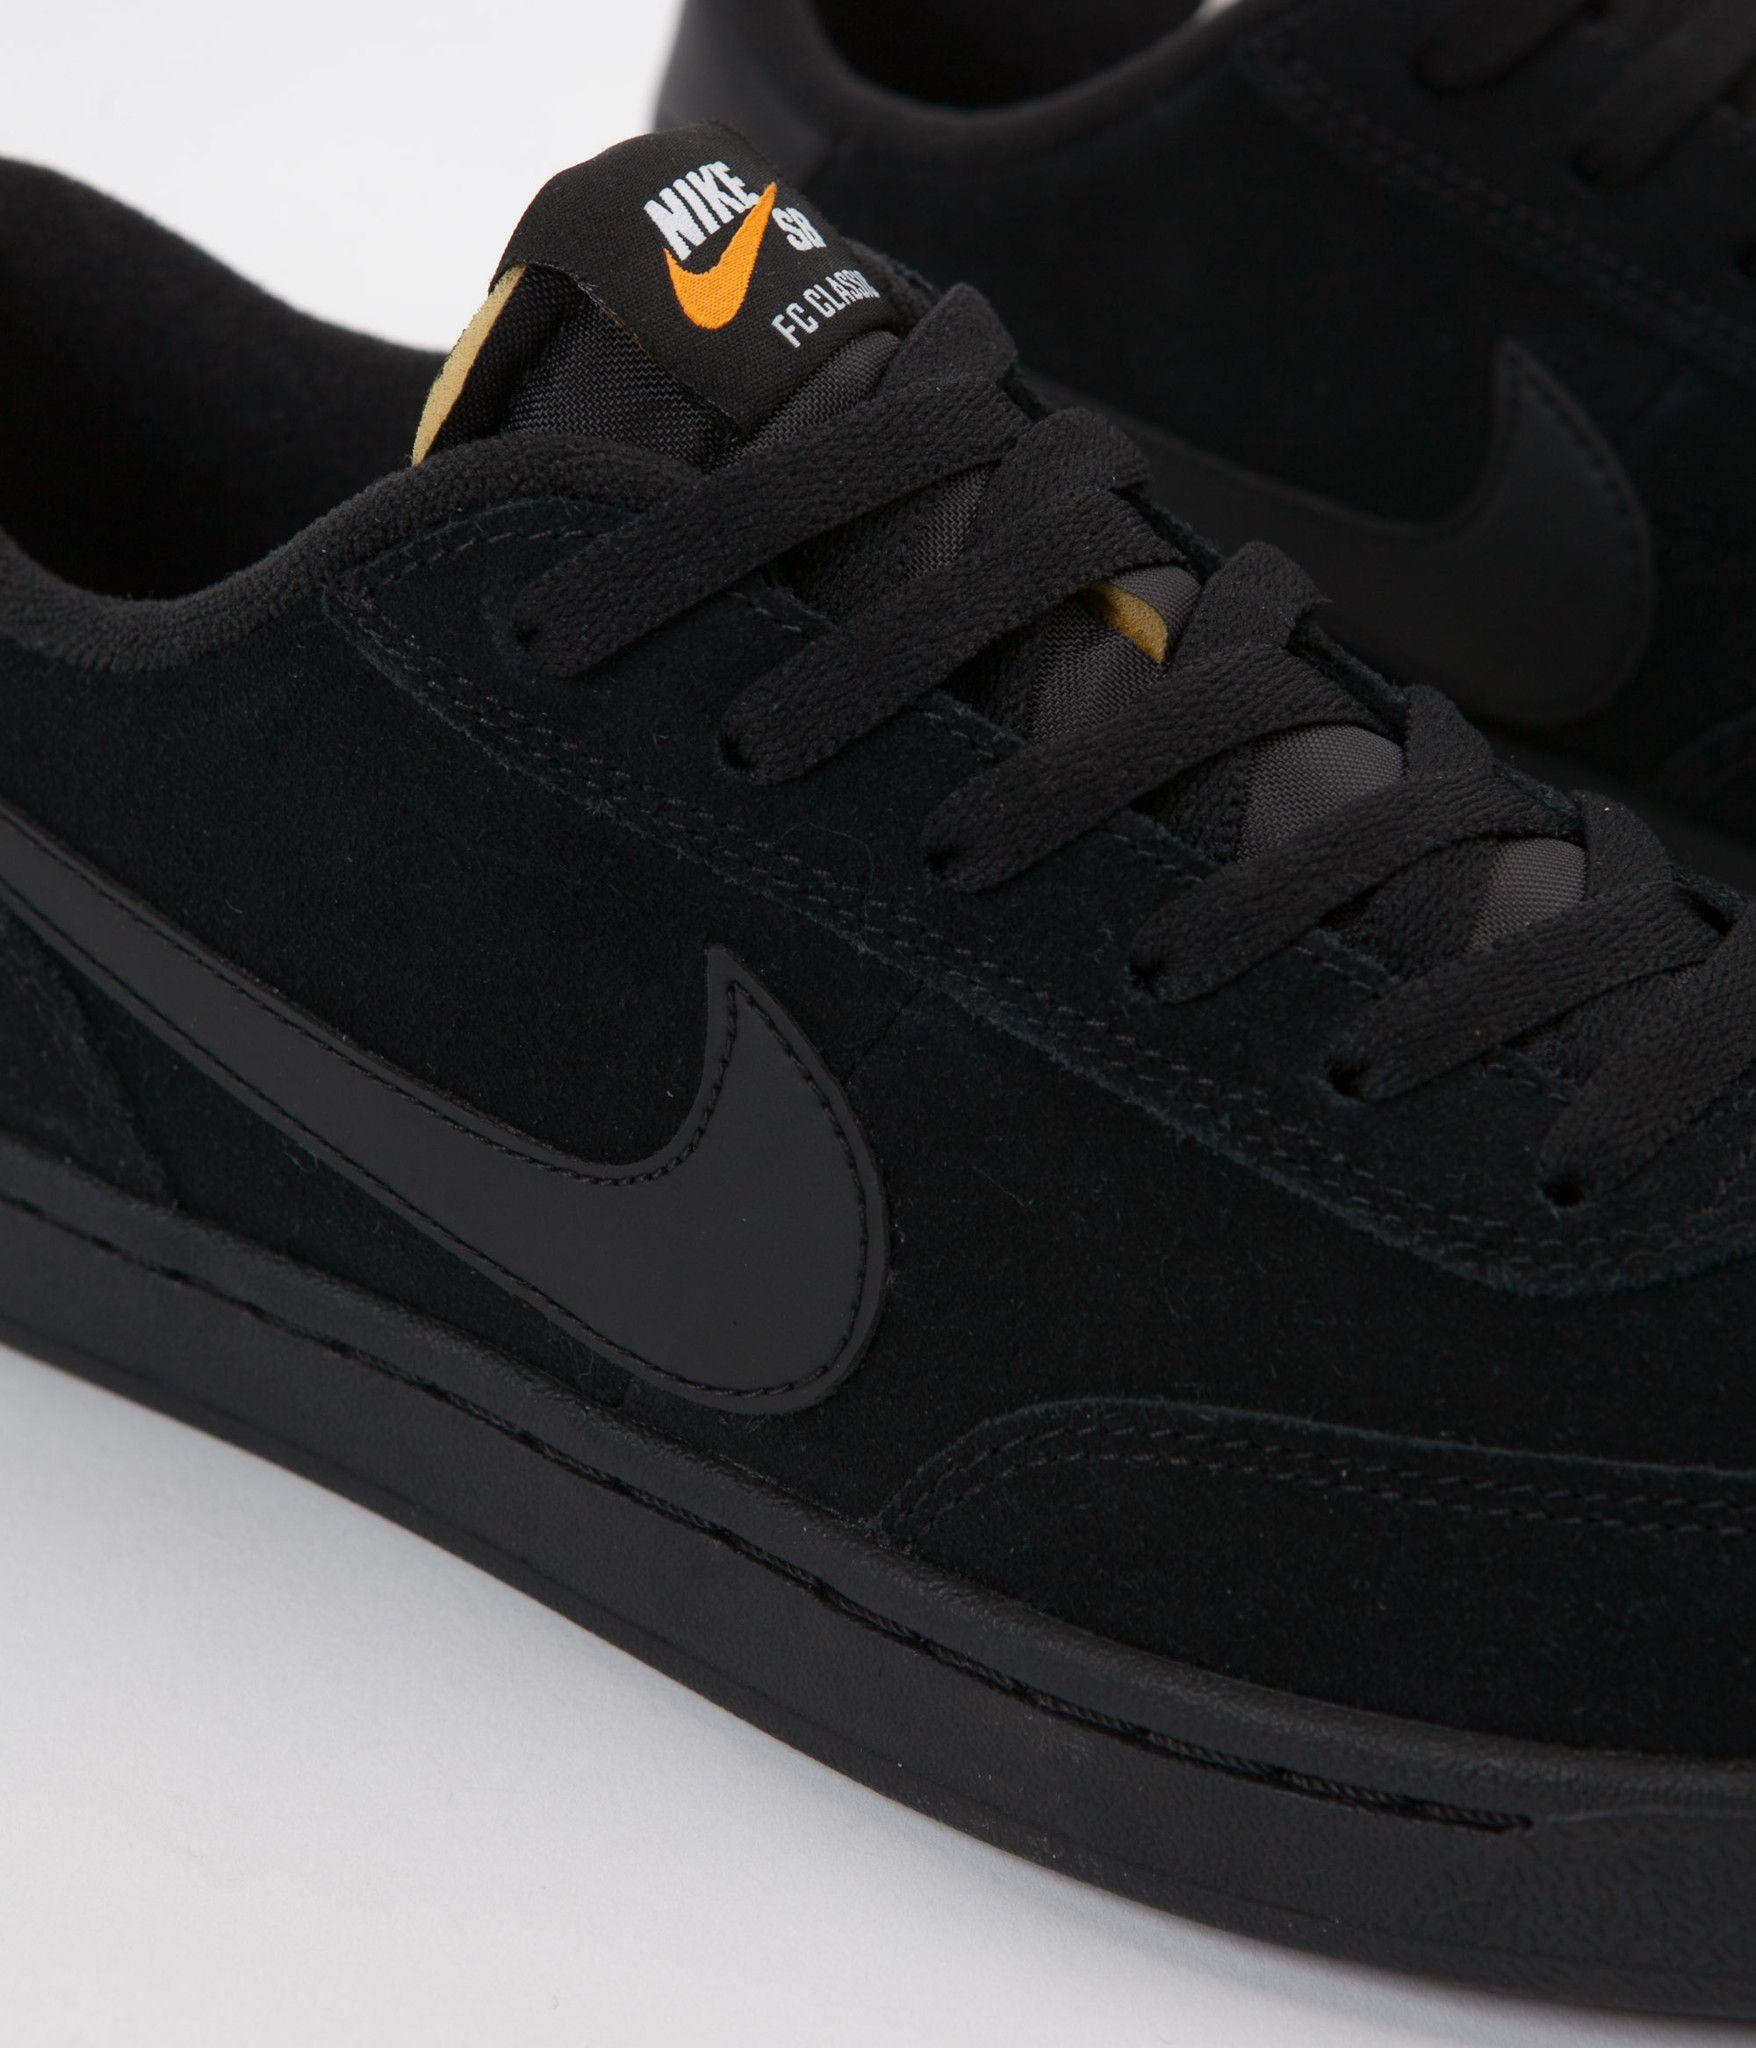 e880891bb700 Nike SB FC Classic Shoes - Black   Black - White - Vivid Orange